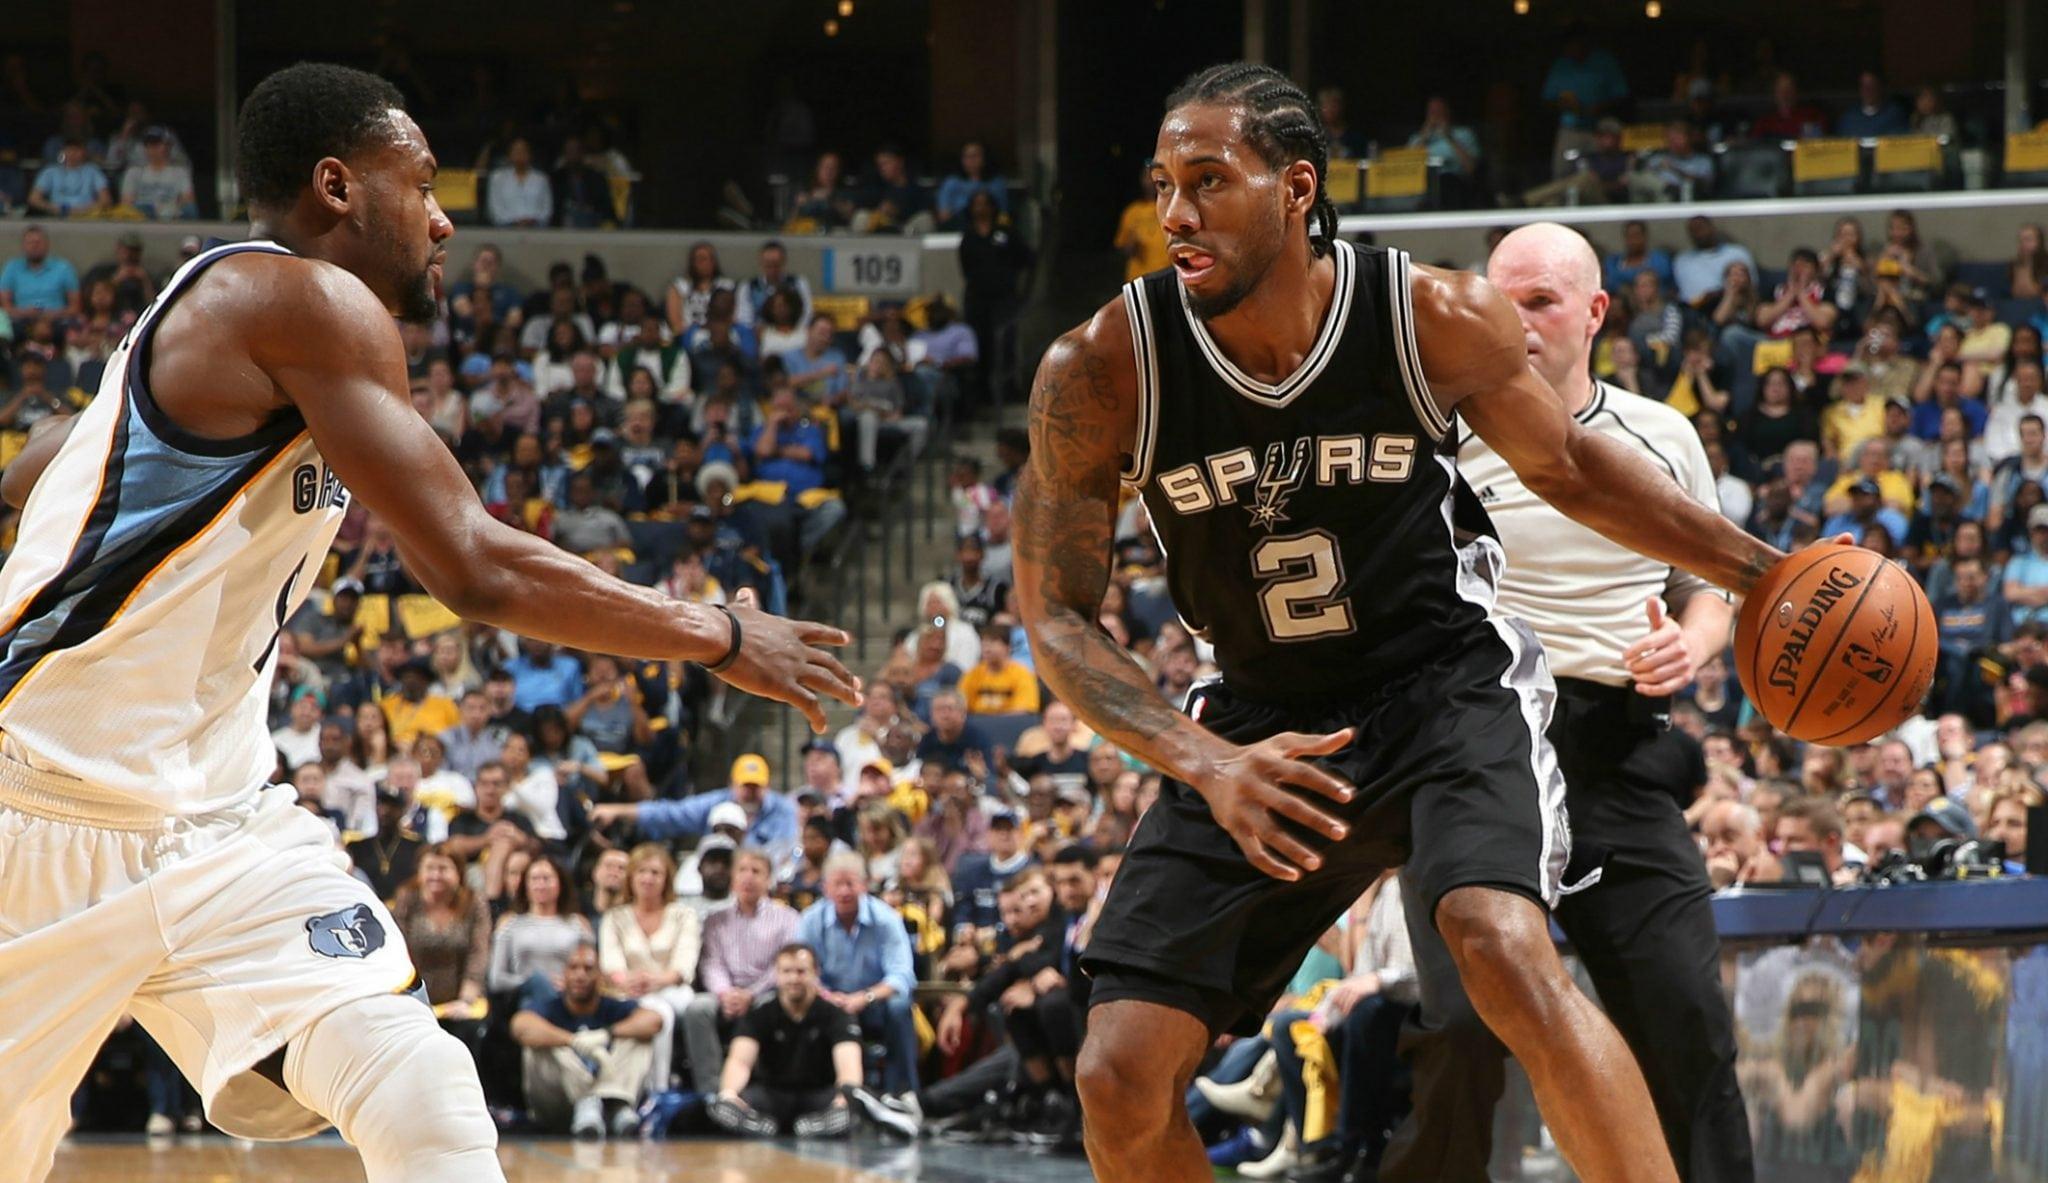 Kawhi Leonard, sin piedad: mete 32 puntos y hace de todo en el 3-0 de los Spurs (Vídeo)